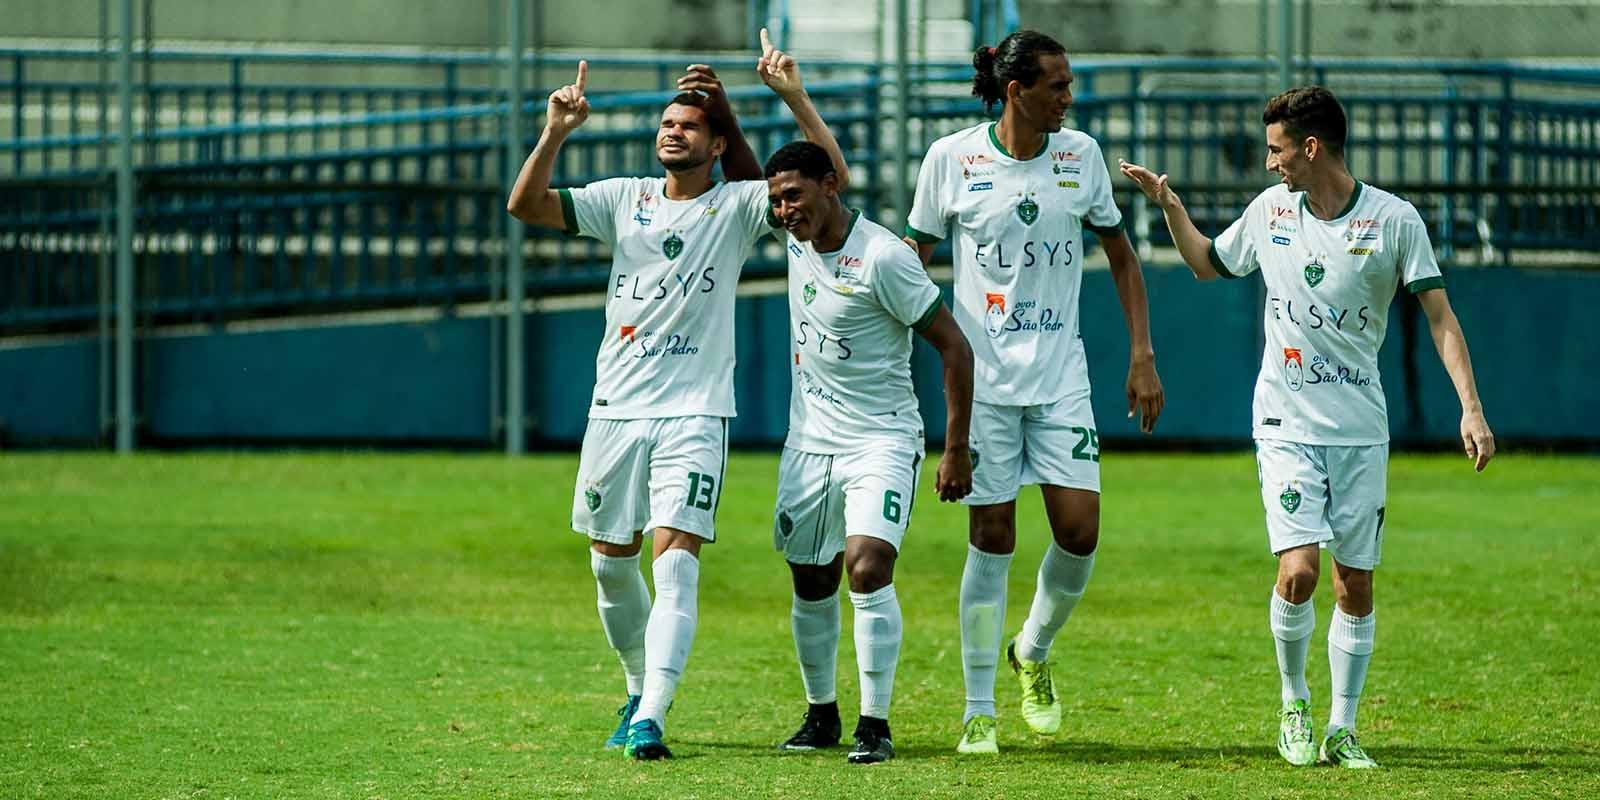 Confira as datas, os horários e os locais dos jogos do Manaus FC na Série D